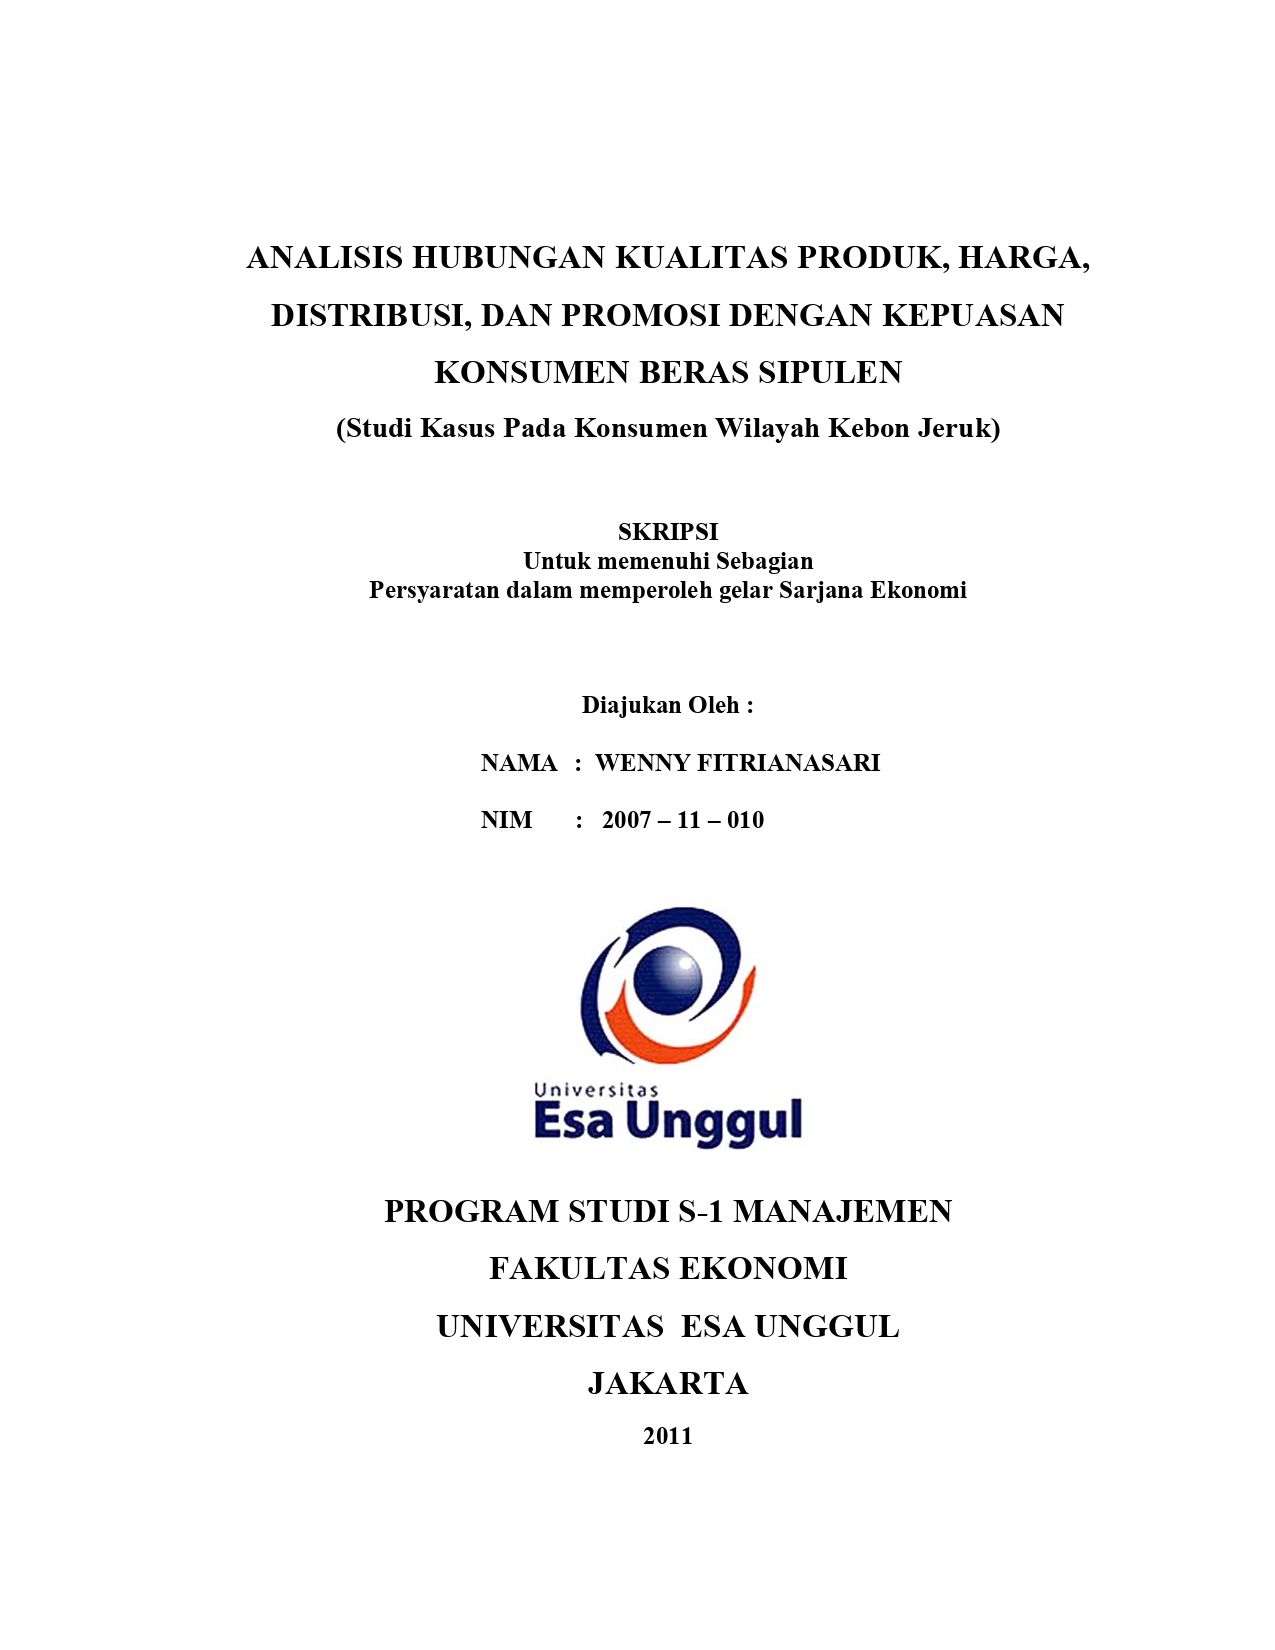 Analisis Hubungan Kualitas Produk, Harga, Distribusi, dan Promosi dengan Kepuasan Konsumen Beras Sipulen